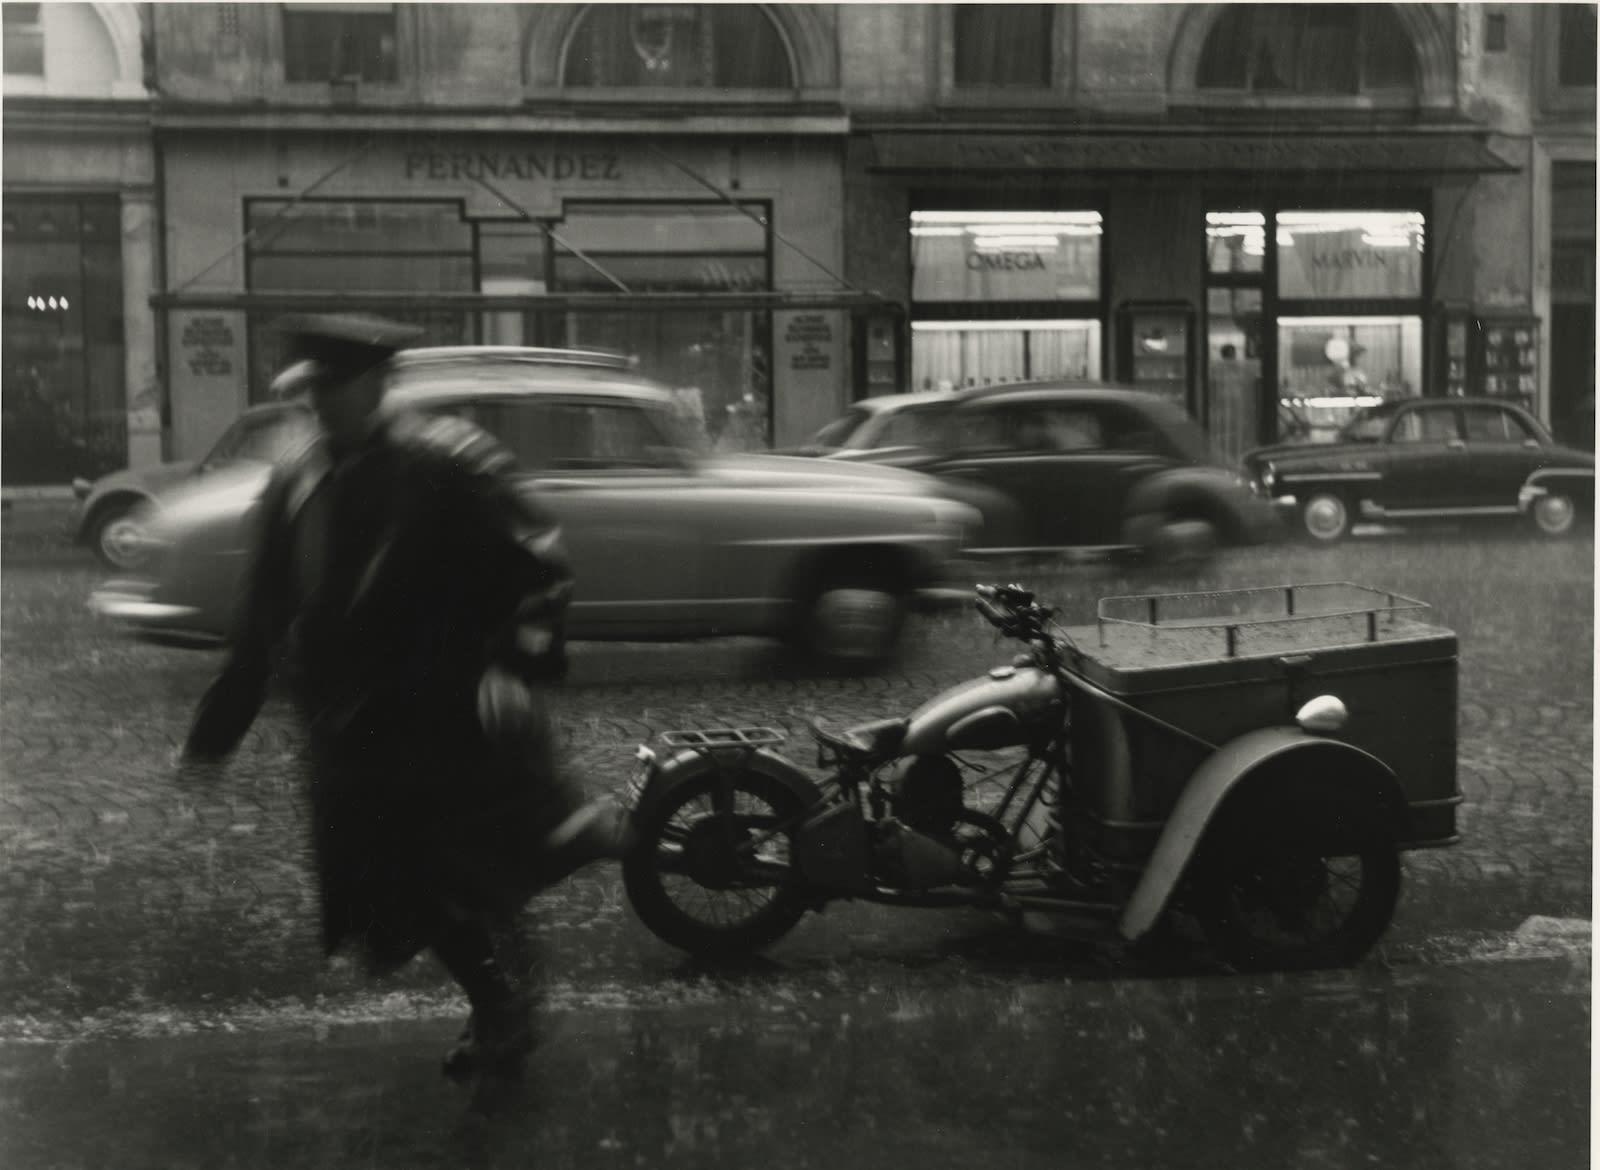 Sabine Weiss, Triporteur, rue de la Paix, Paris, 1957